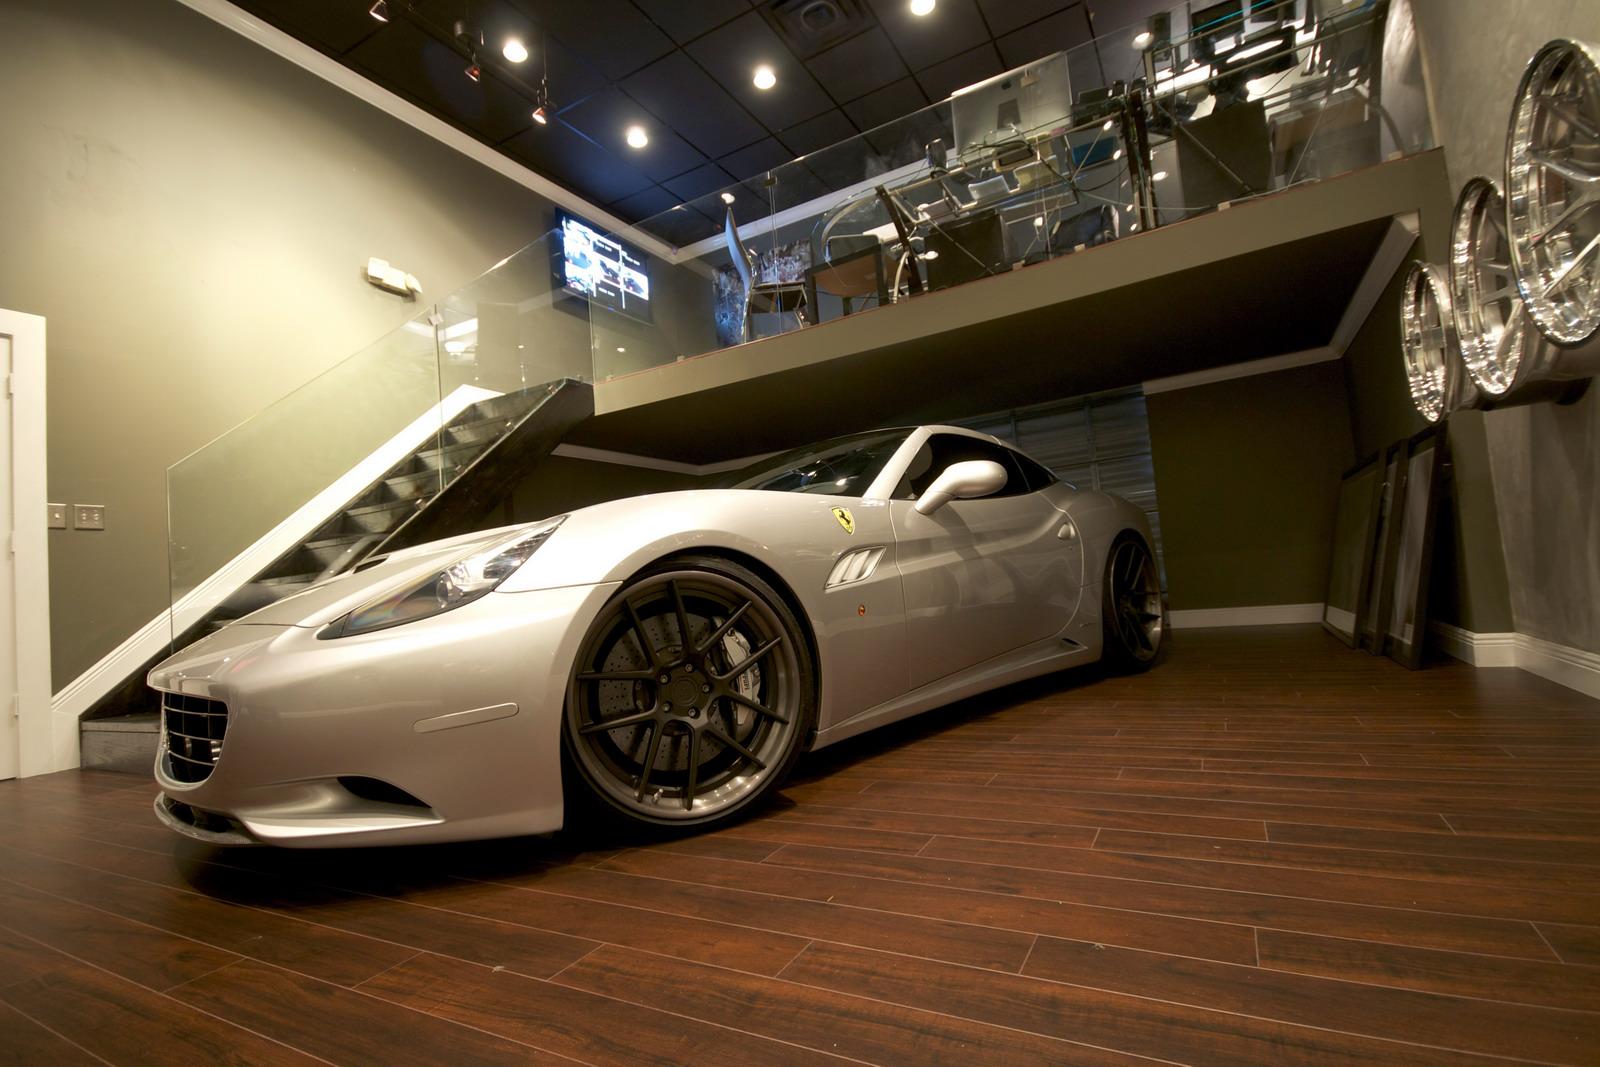 DMC představilo Ferrari California s výkonem 606 koní 4